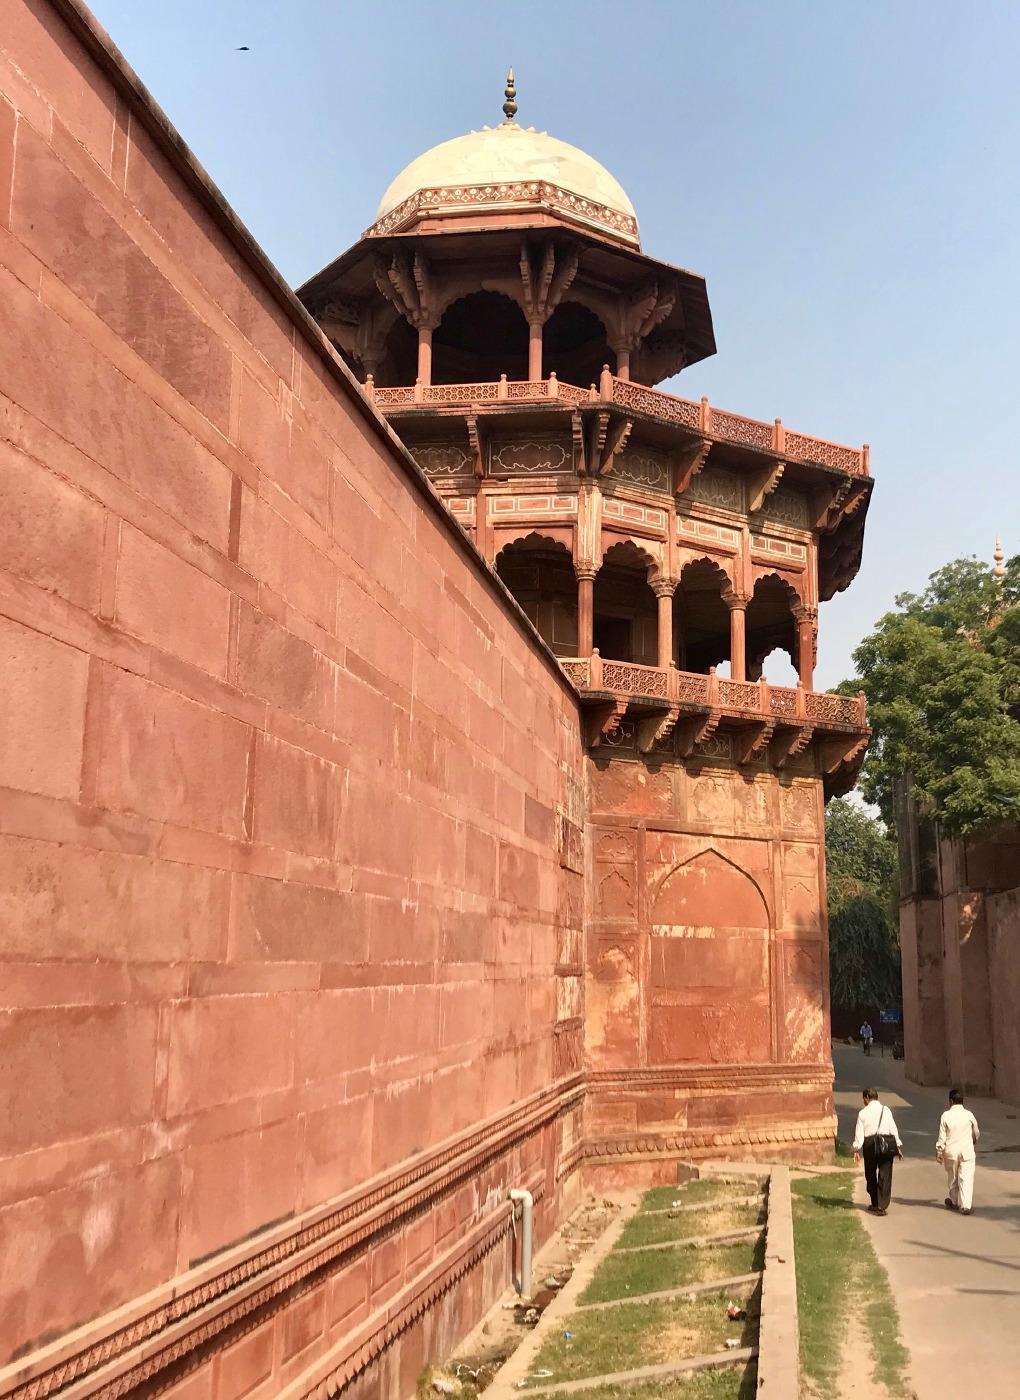 Agra (21 au 23 novembre)_18.JPG